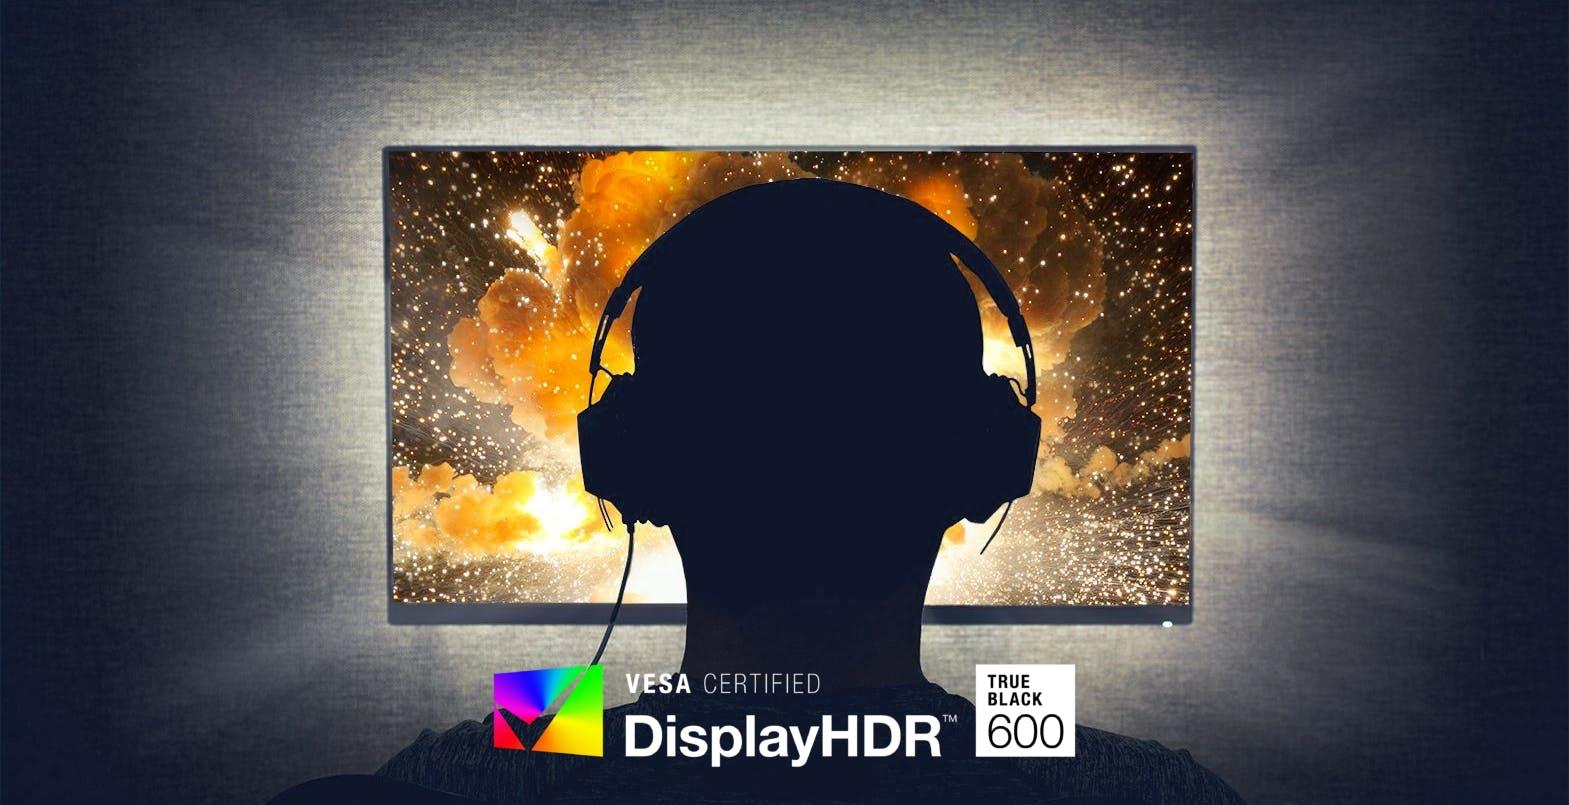 L'OLED si diffonde sui portatili e VESA aggiorna la certificazione DisplayHDR True Black